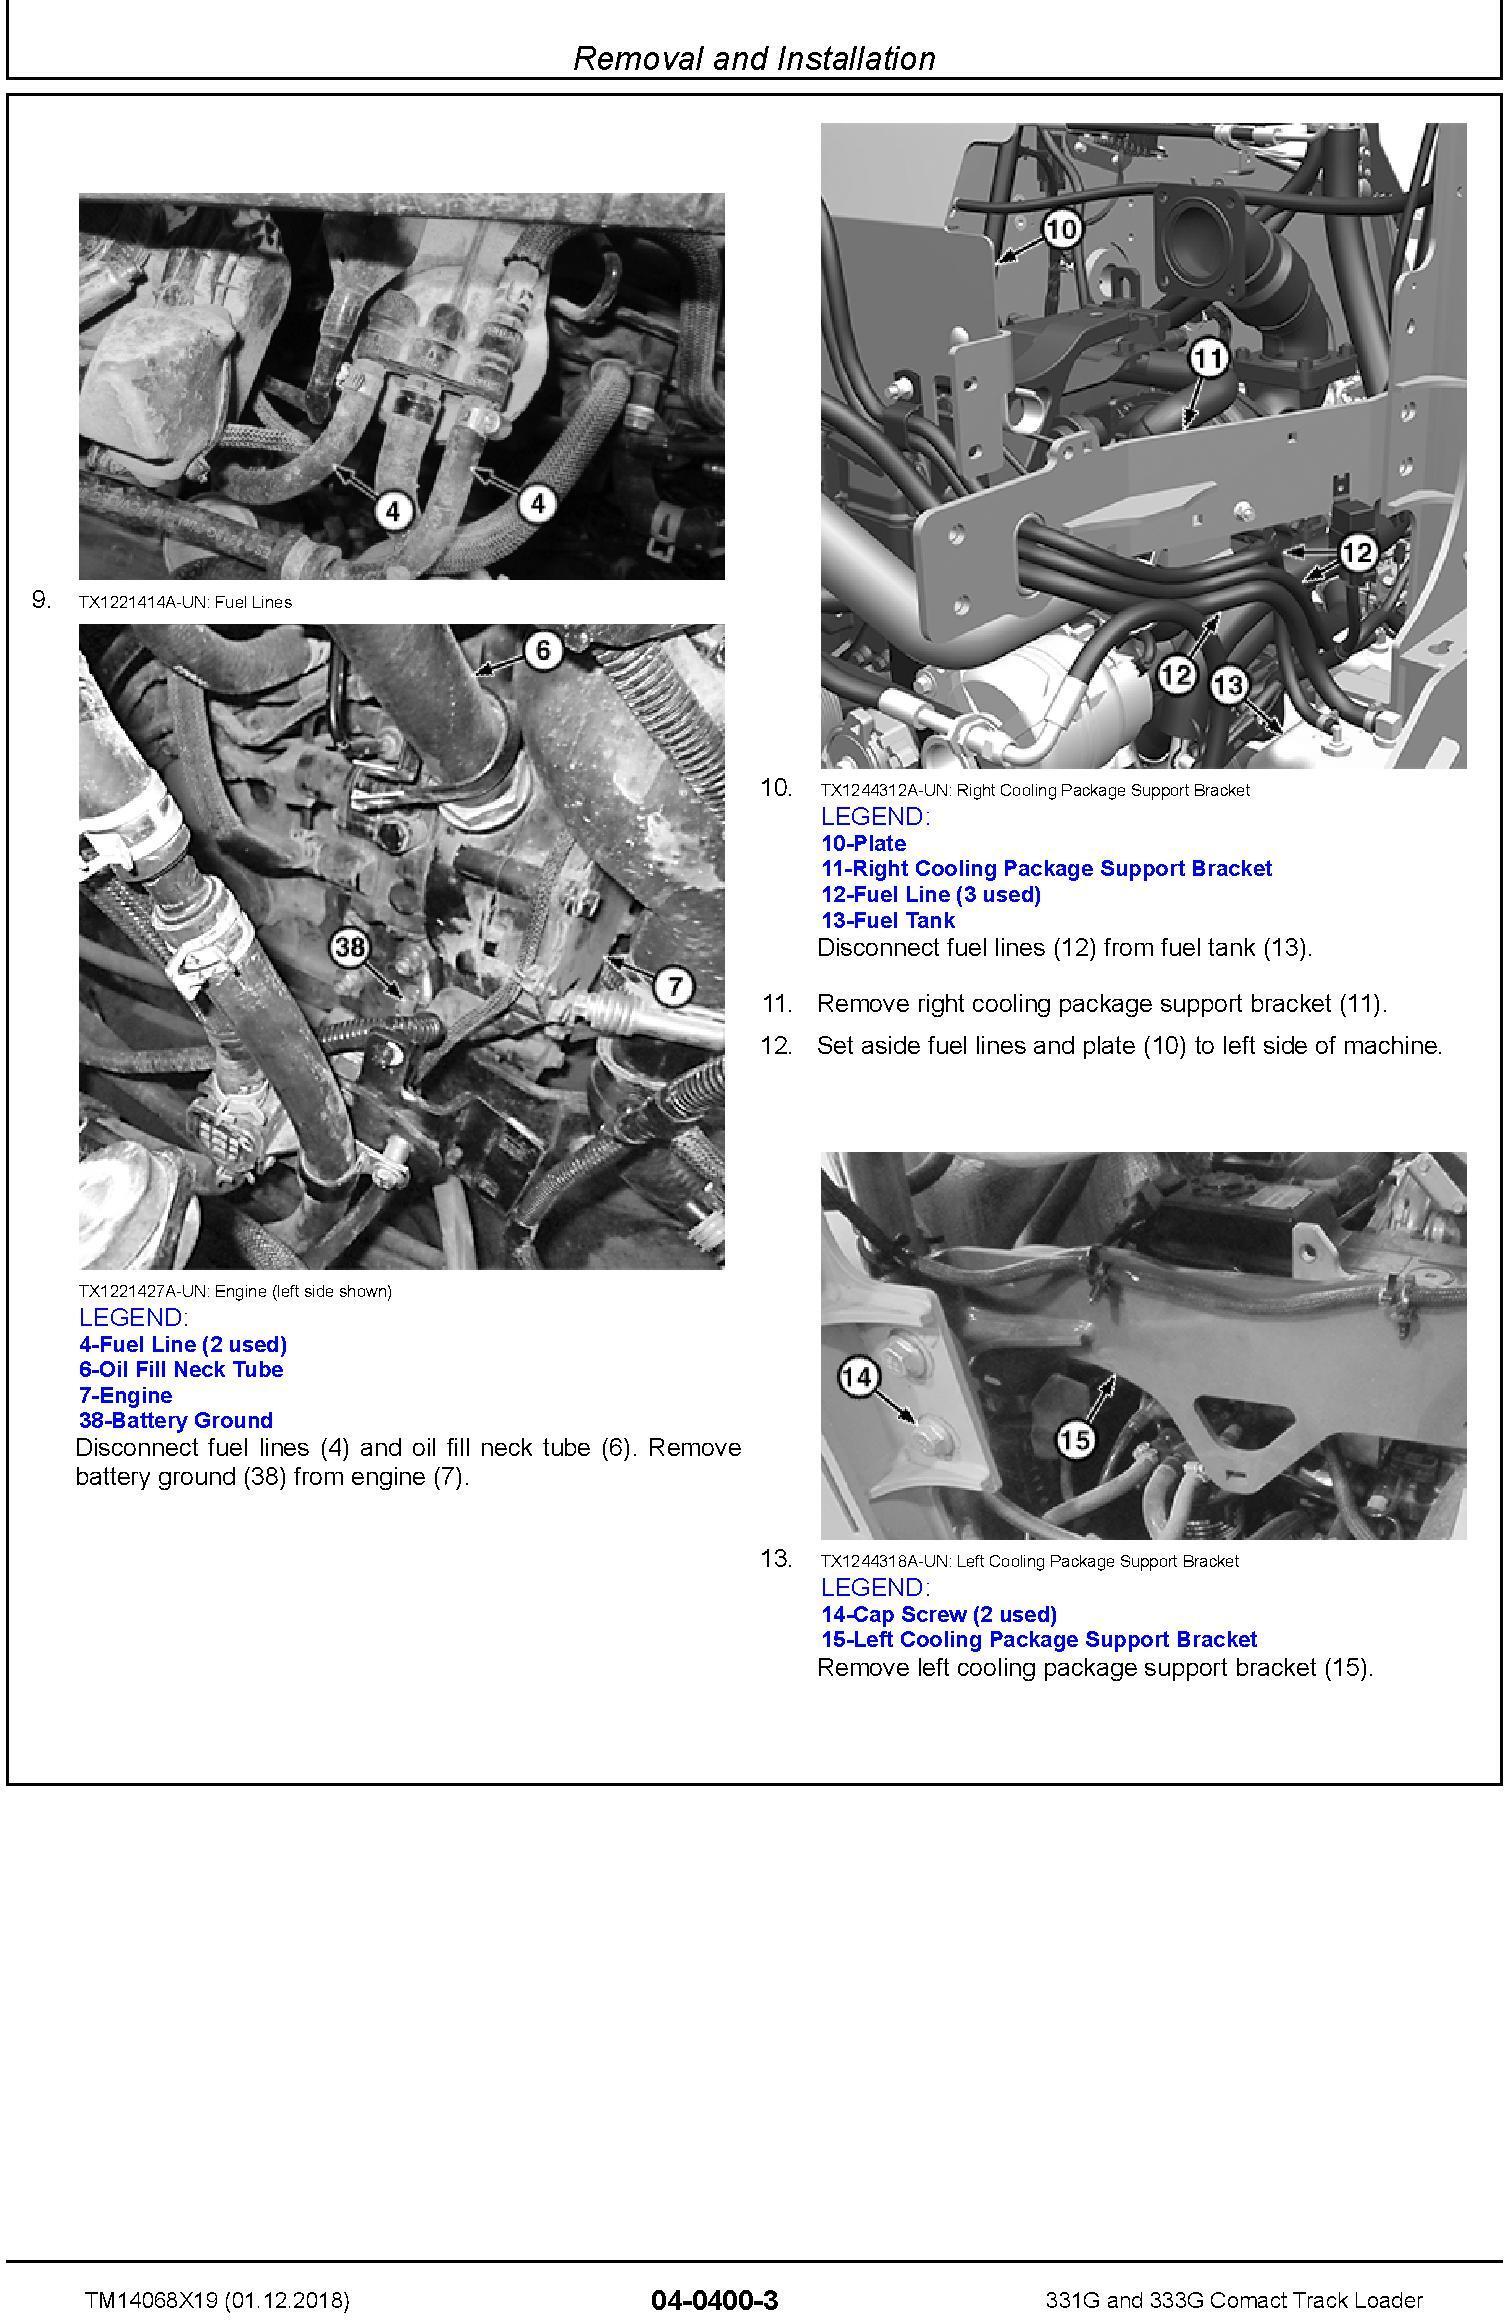 John Deere 331G and 333G Comact Track Loader Repair Service Manual (TM14068X19) - 2